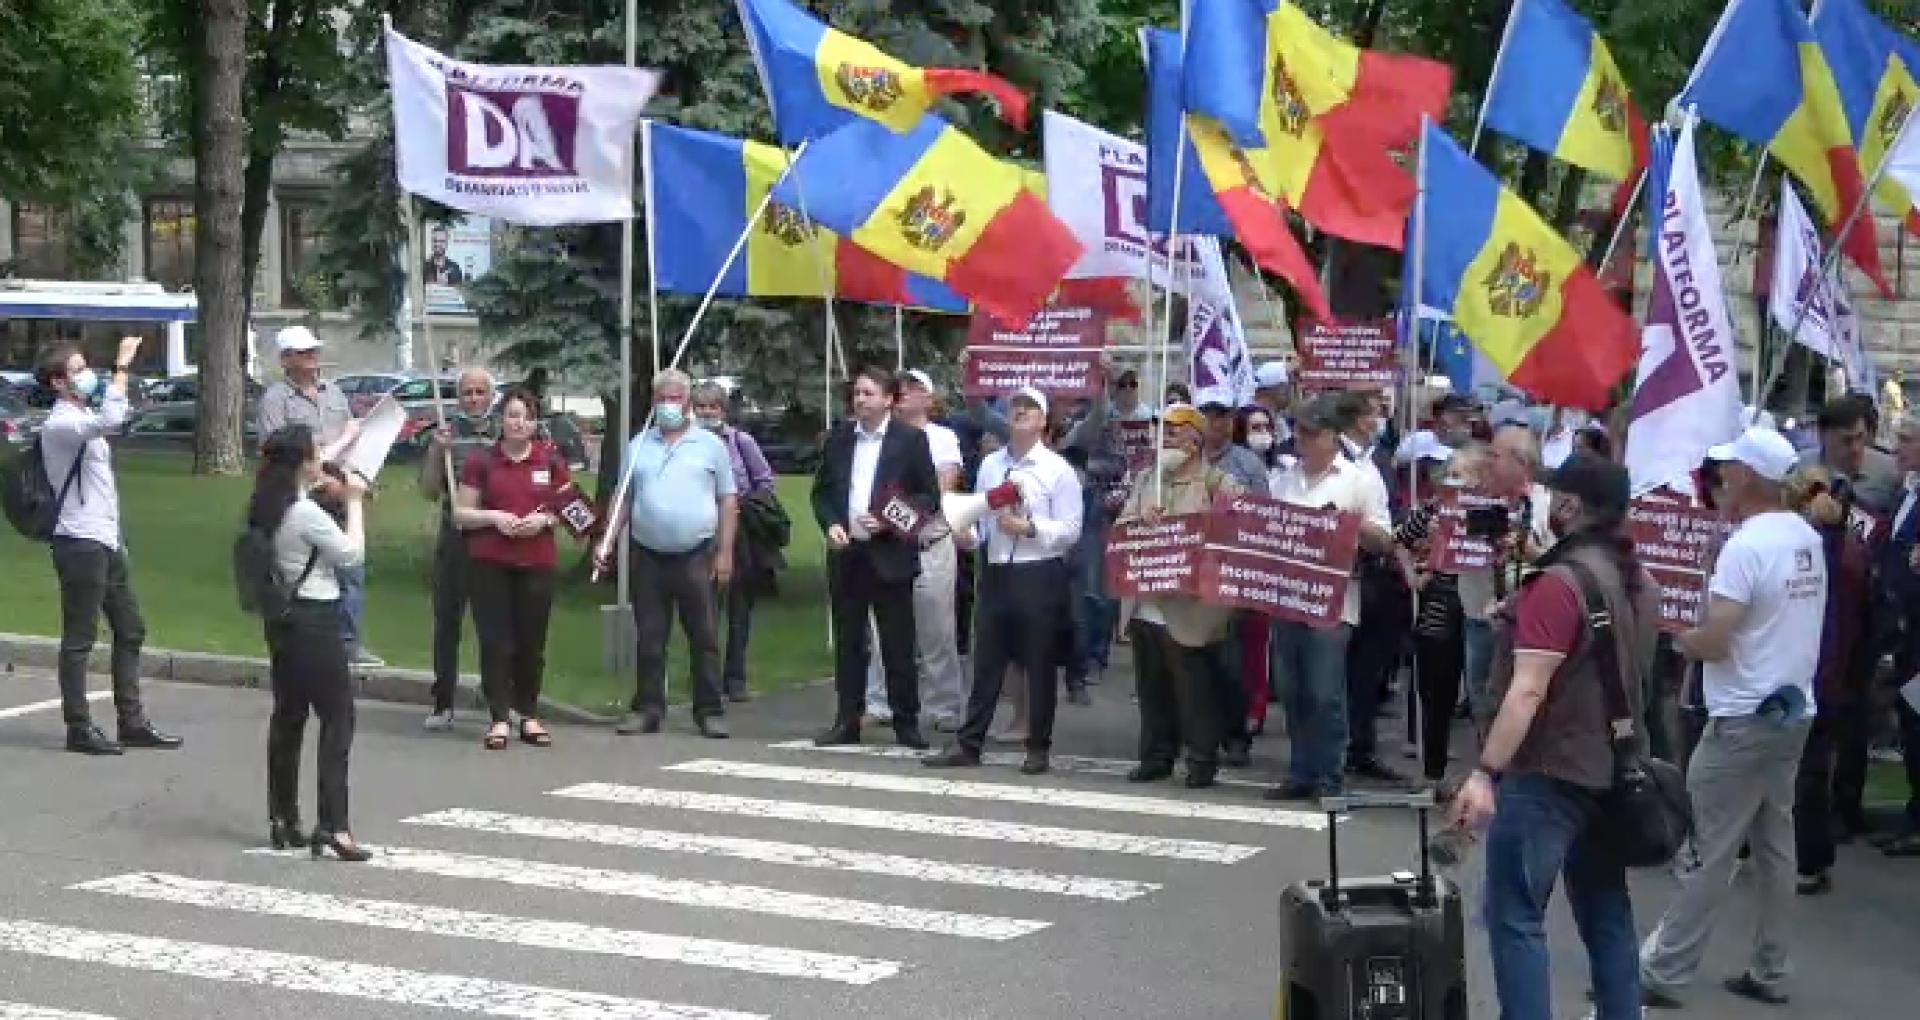 """VIDEO/ Reprezentanții Platformei DA au protestat în fața Guvernului și au cerut demisia directorului Agenției Proprietății Publice: """"La pușcărie. Ne vând țara pe doi bani"""""""